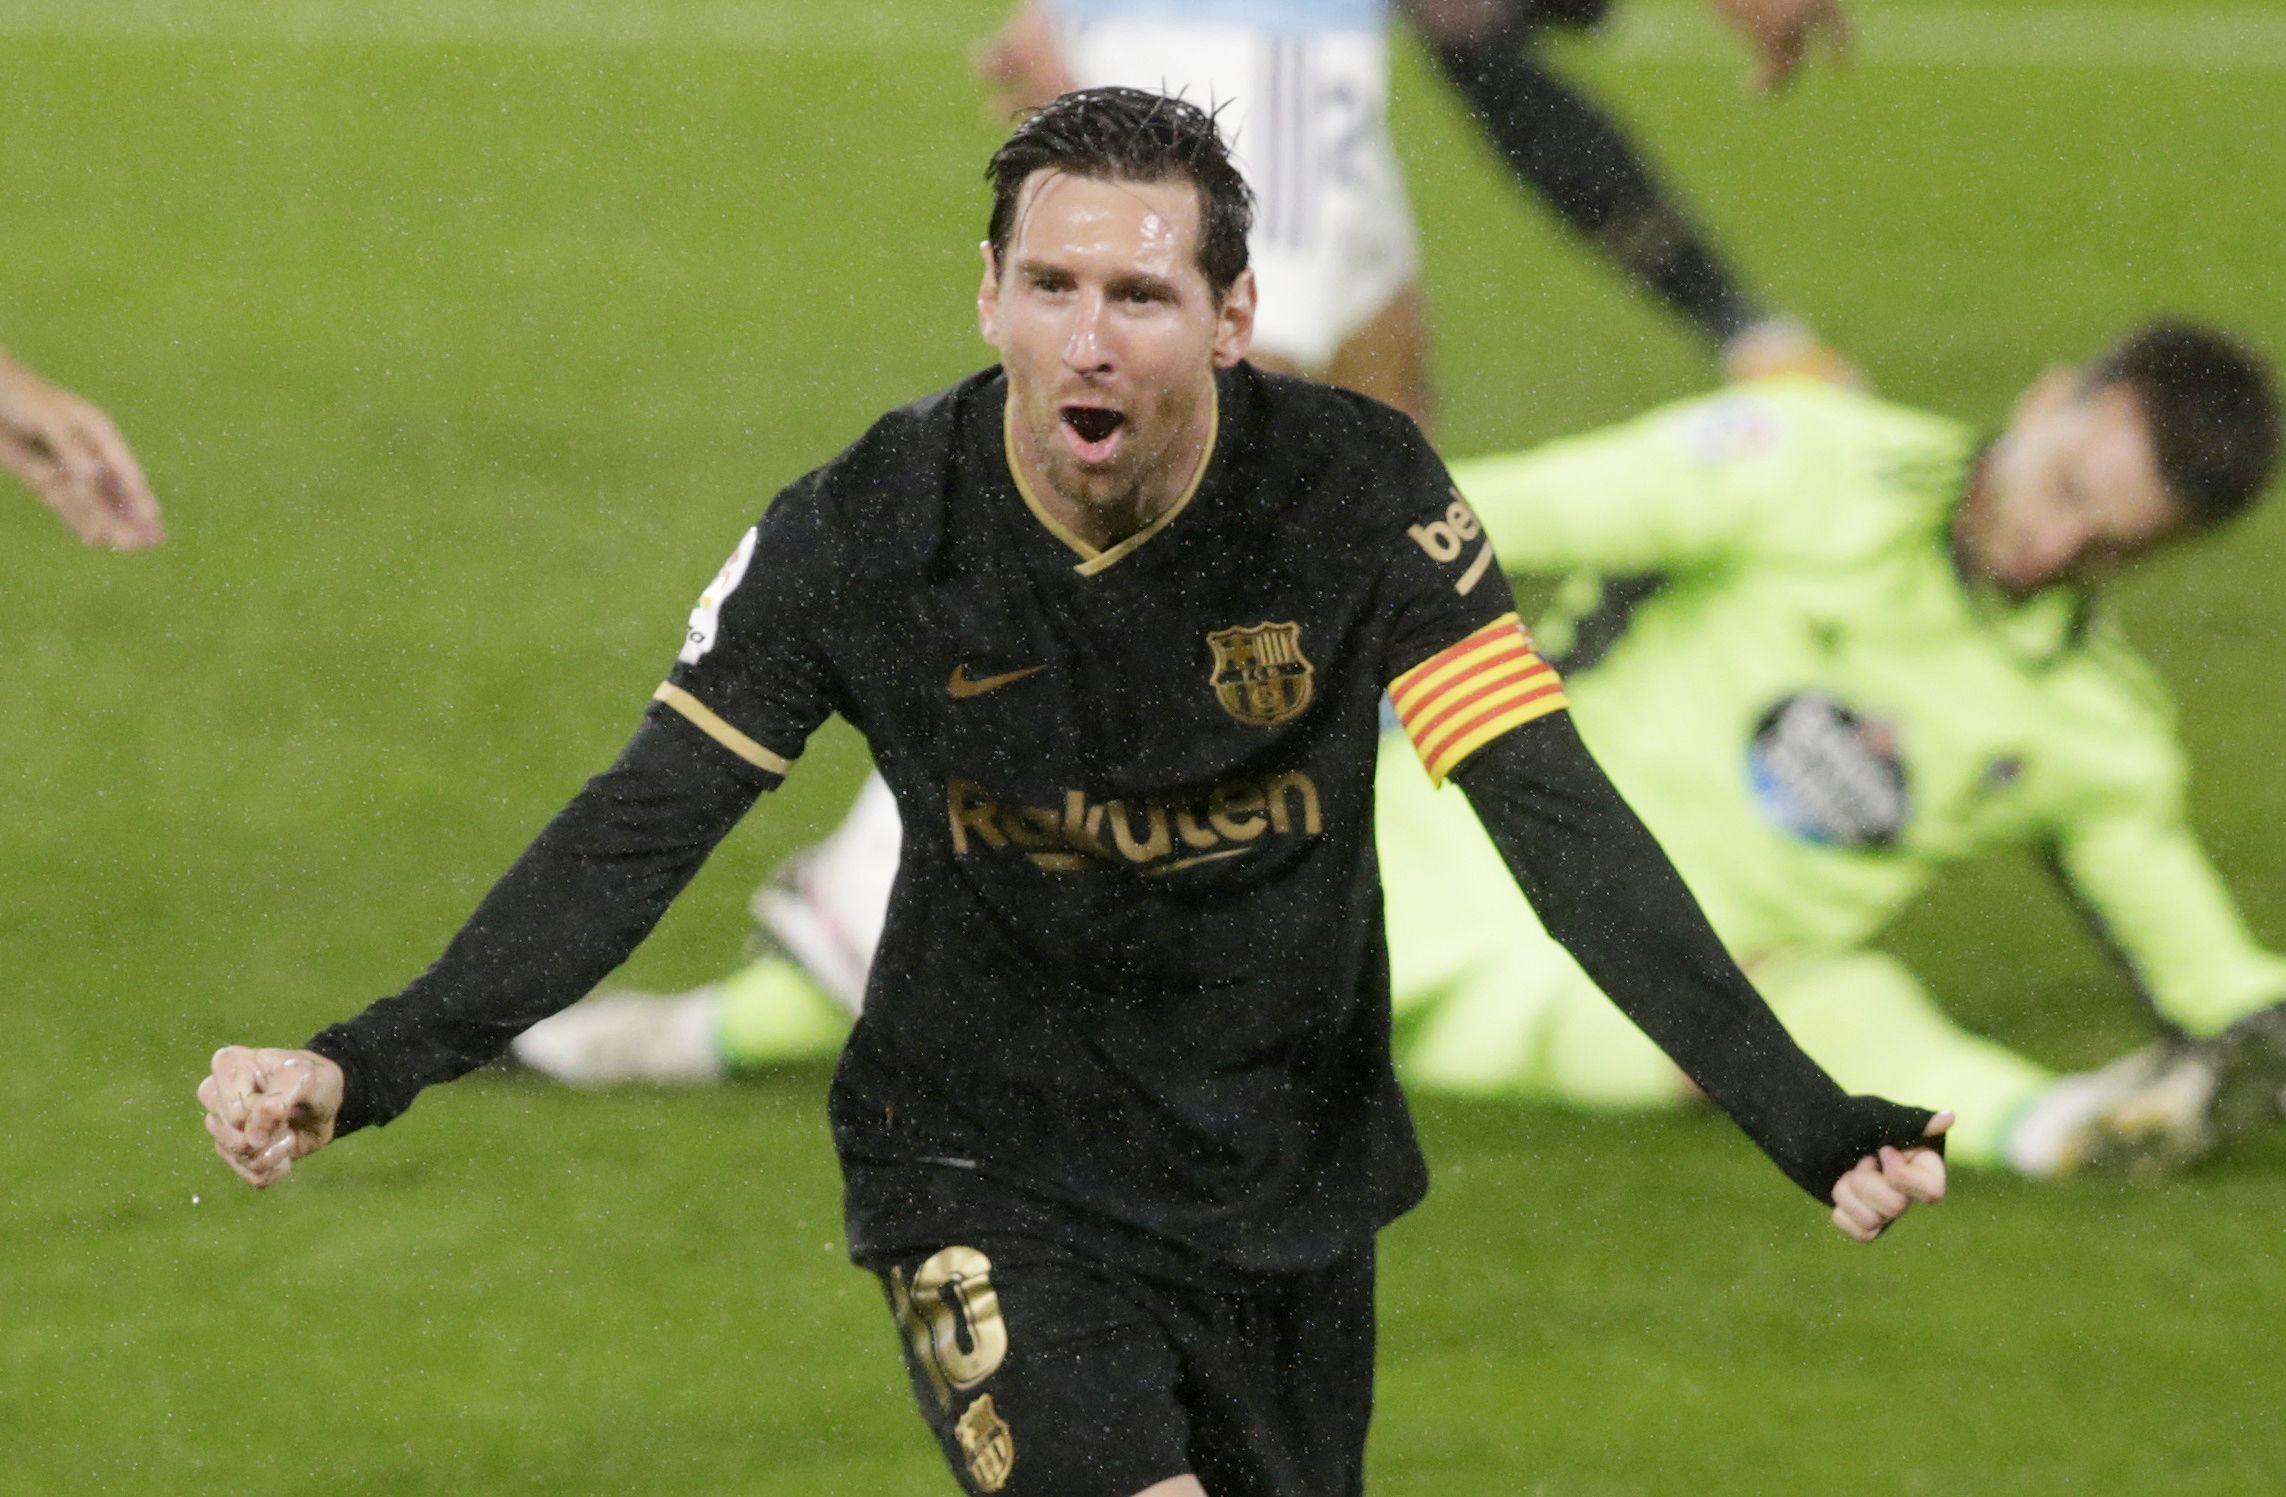 Messi festeja uno de los goles del Barcelona en su visita al Celta en Vigo (REUTERS/Miguel Vidal)